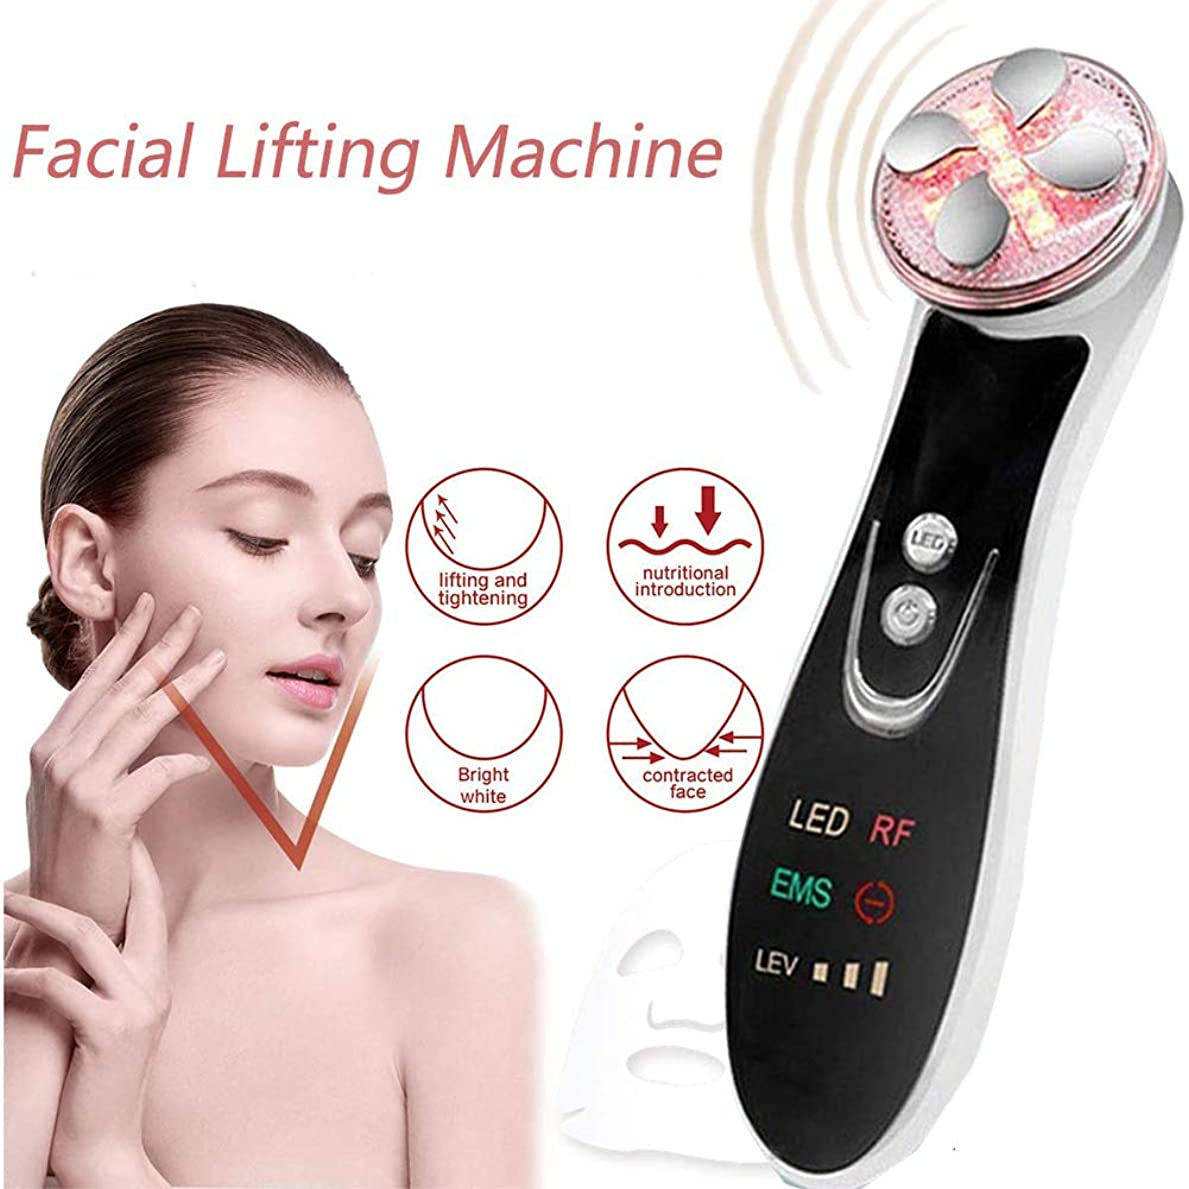 災難乱用契約する機械をきつく締める皮、1つのRF EMS LEDライト療法のしわに付き顔の持ち上がるボディ形削り盤機械6つは反老化のアクネの美装置を取除きます